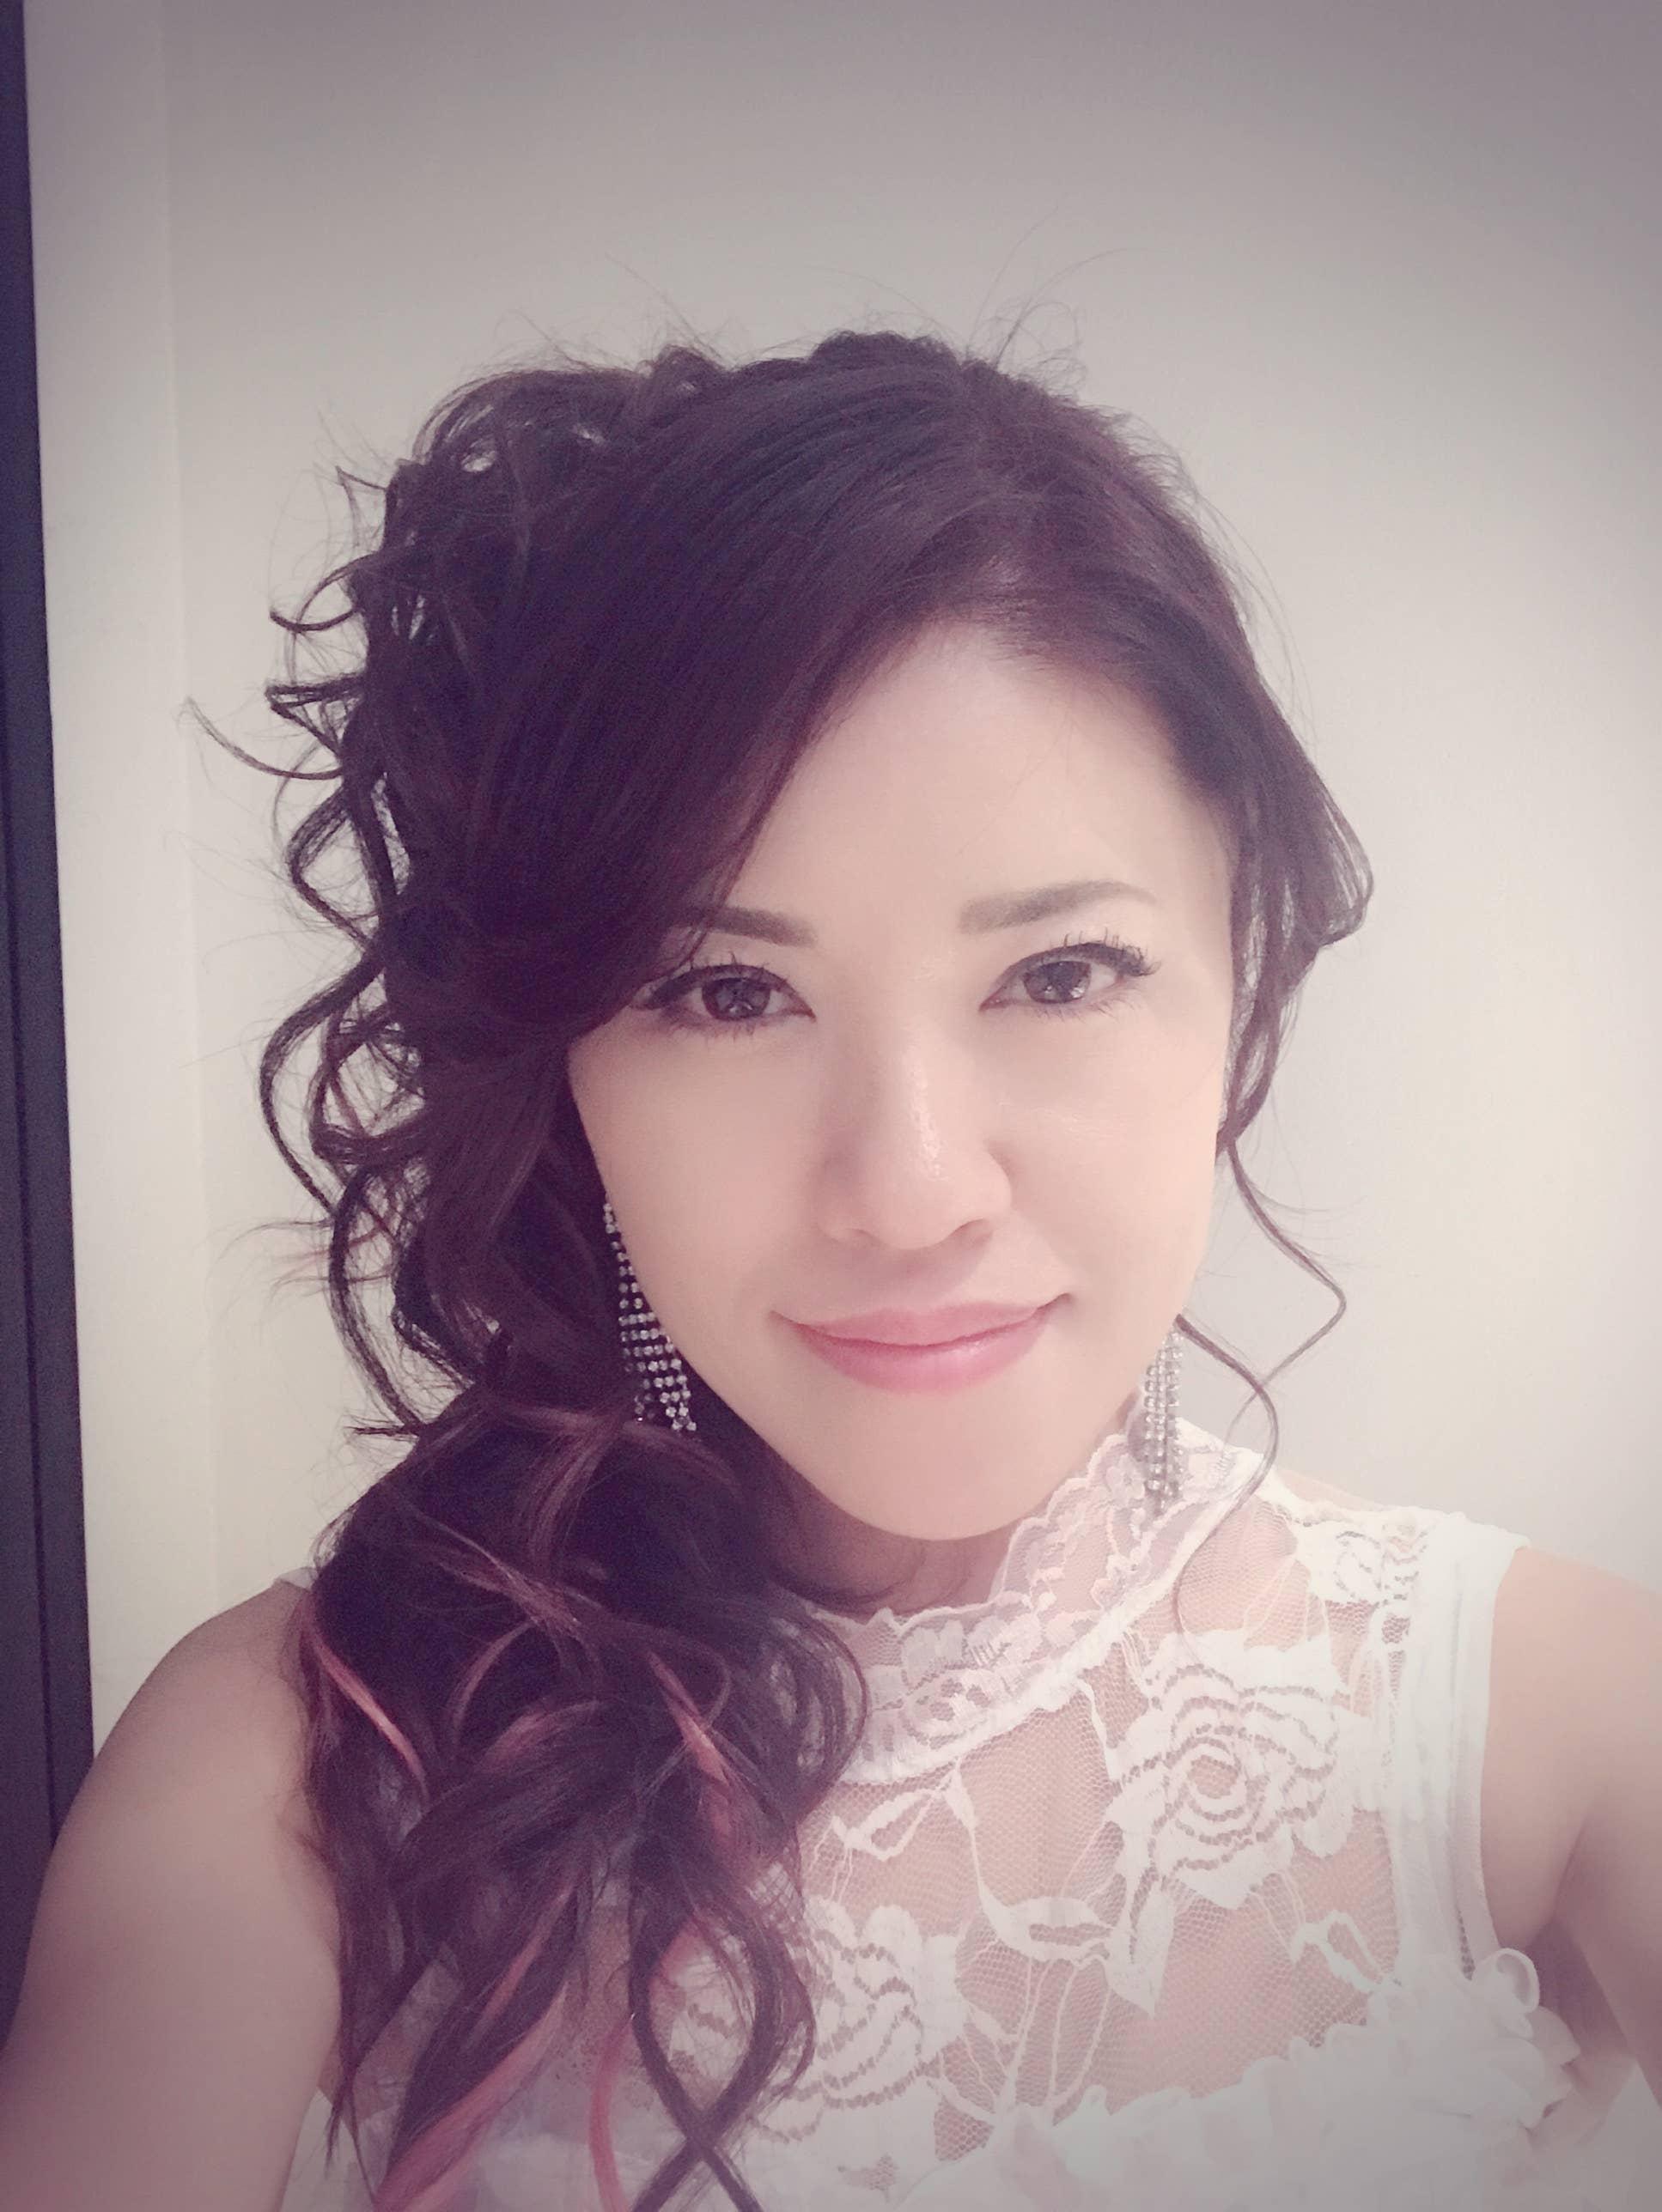 Yuko Takeichi